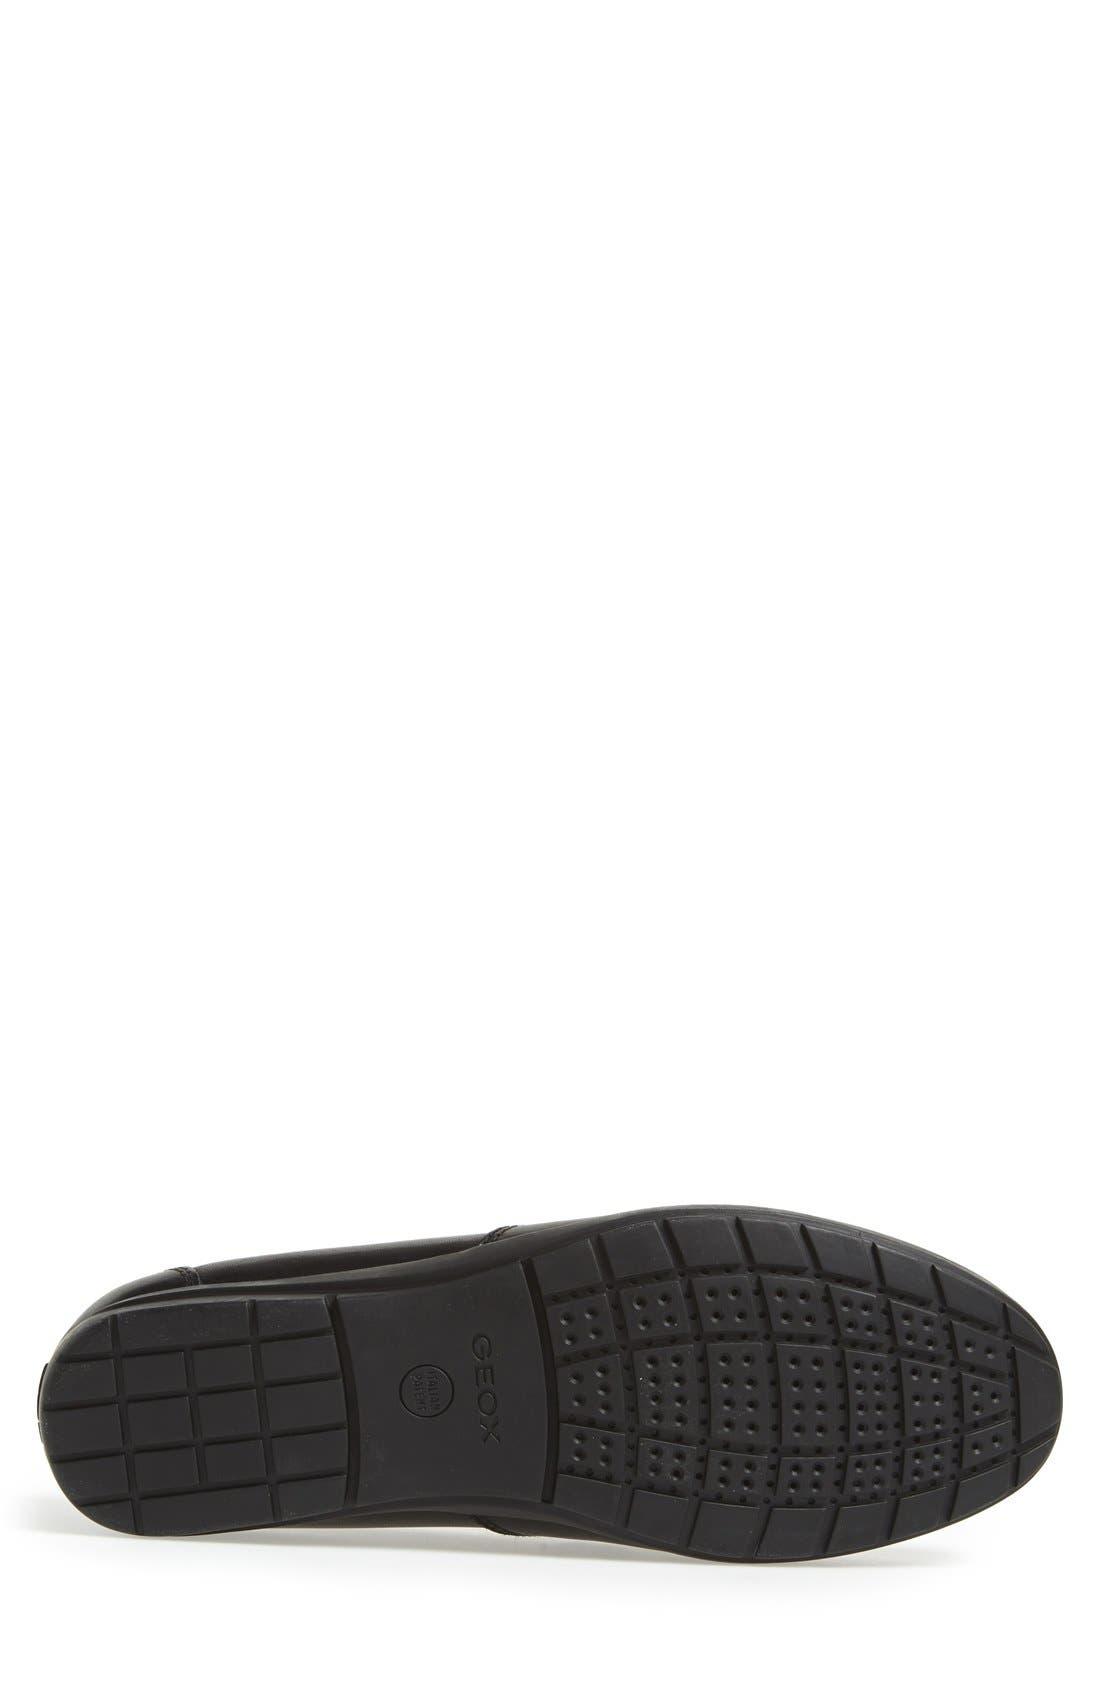 'Simon W2' Venetian Loafer,                             Alternate thumbnail 4, color,                             BLACK